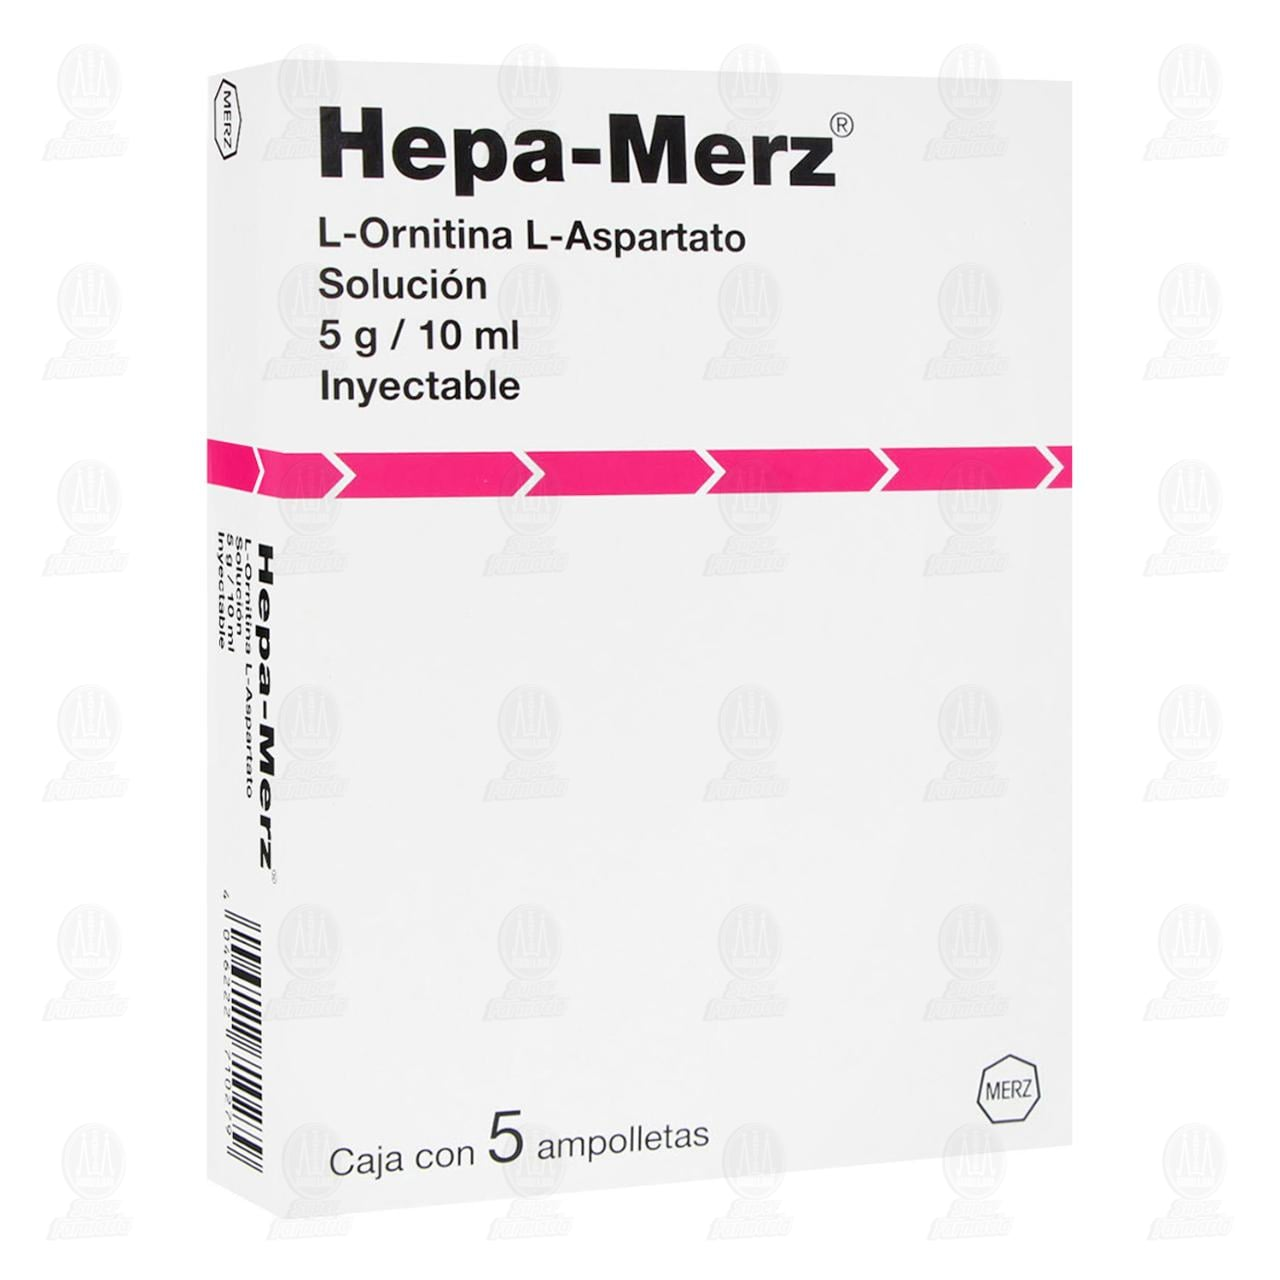 Comprar Hepa Merz 5g/10ml 5 Ampolletas Solución Inyectable en Farmacias Guadalajara